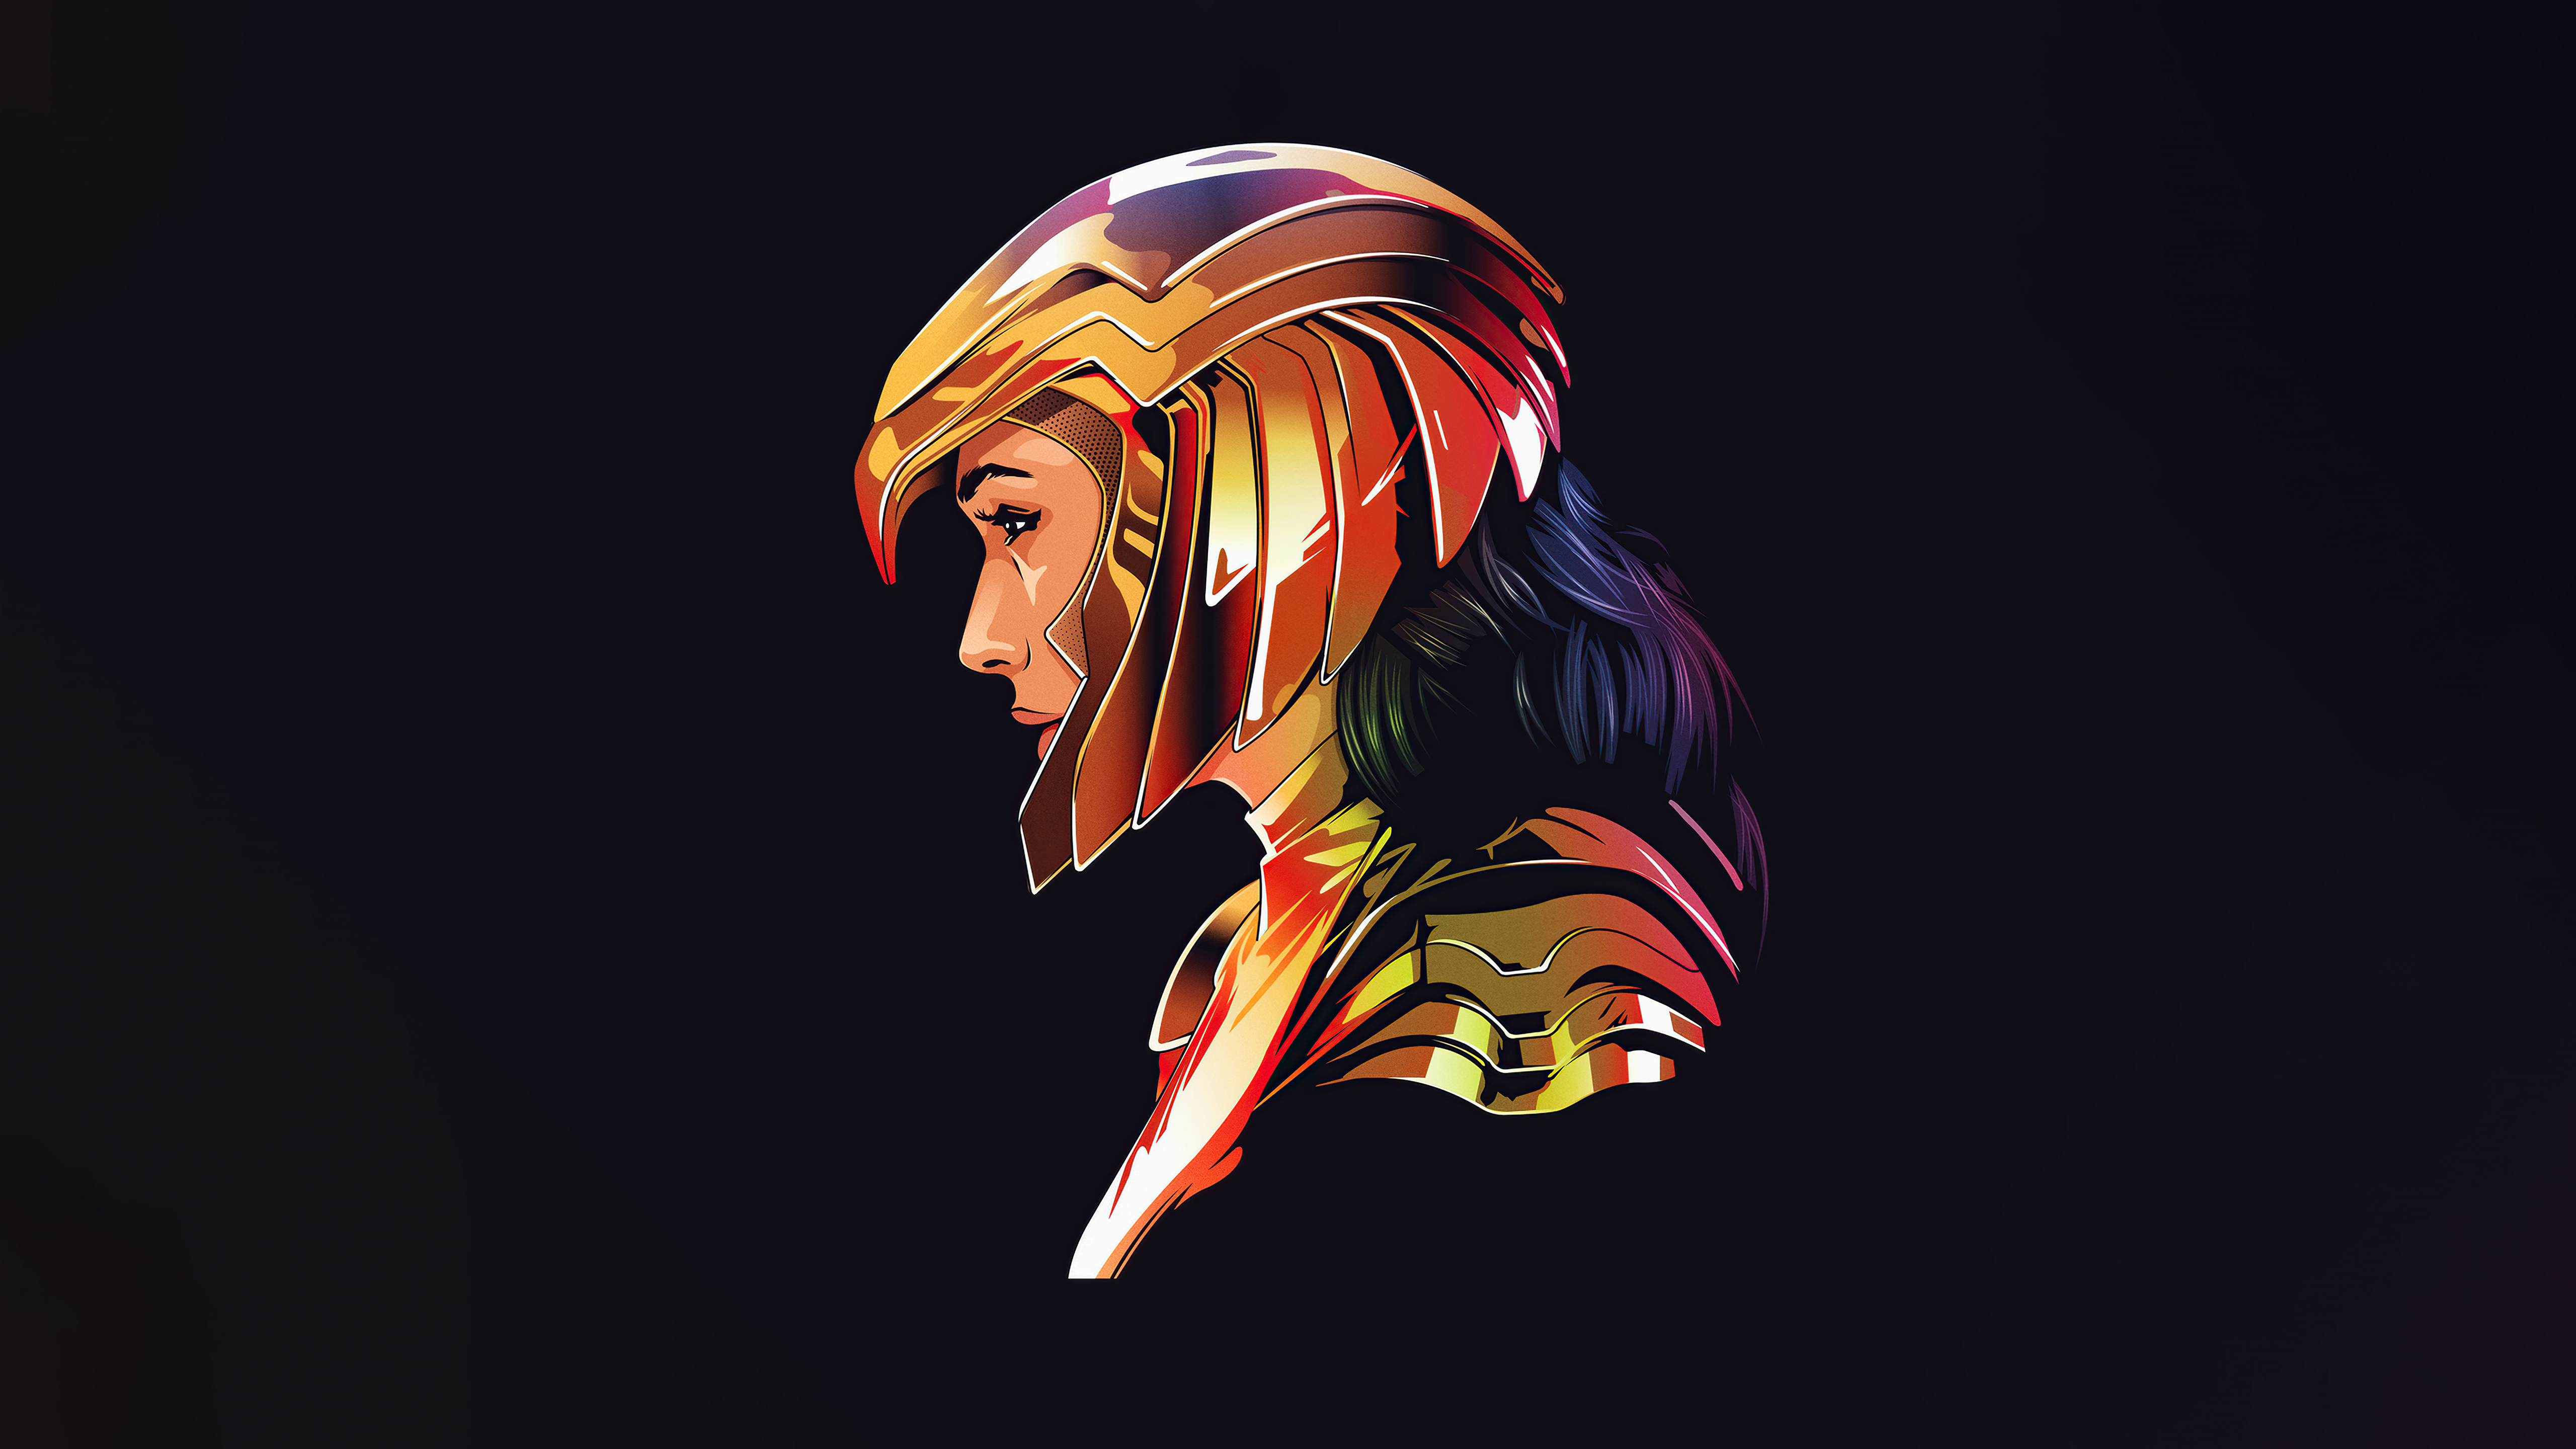 Wallpaper Wonder Woman Minimalist